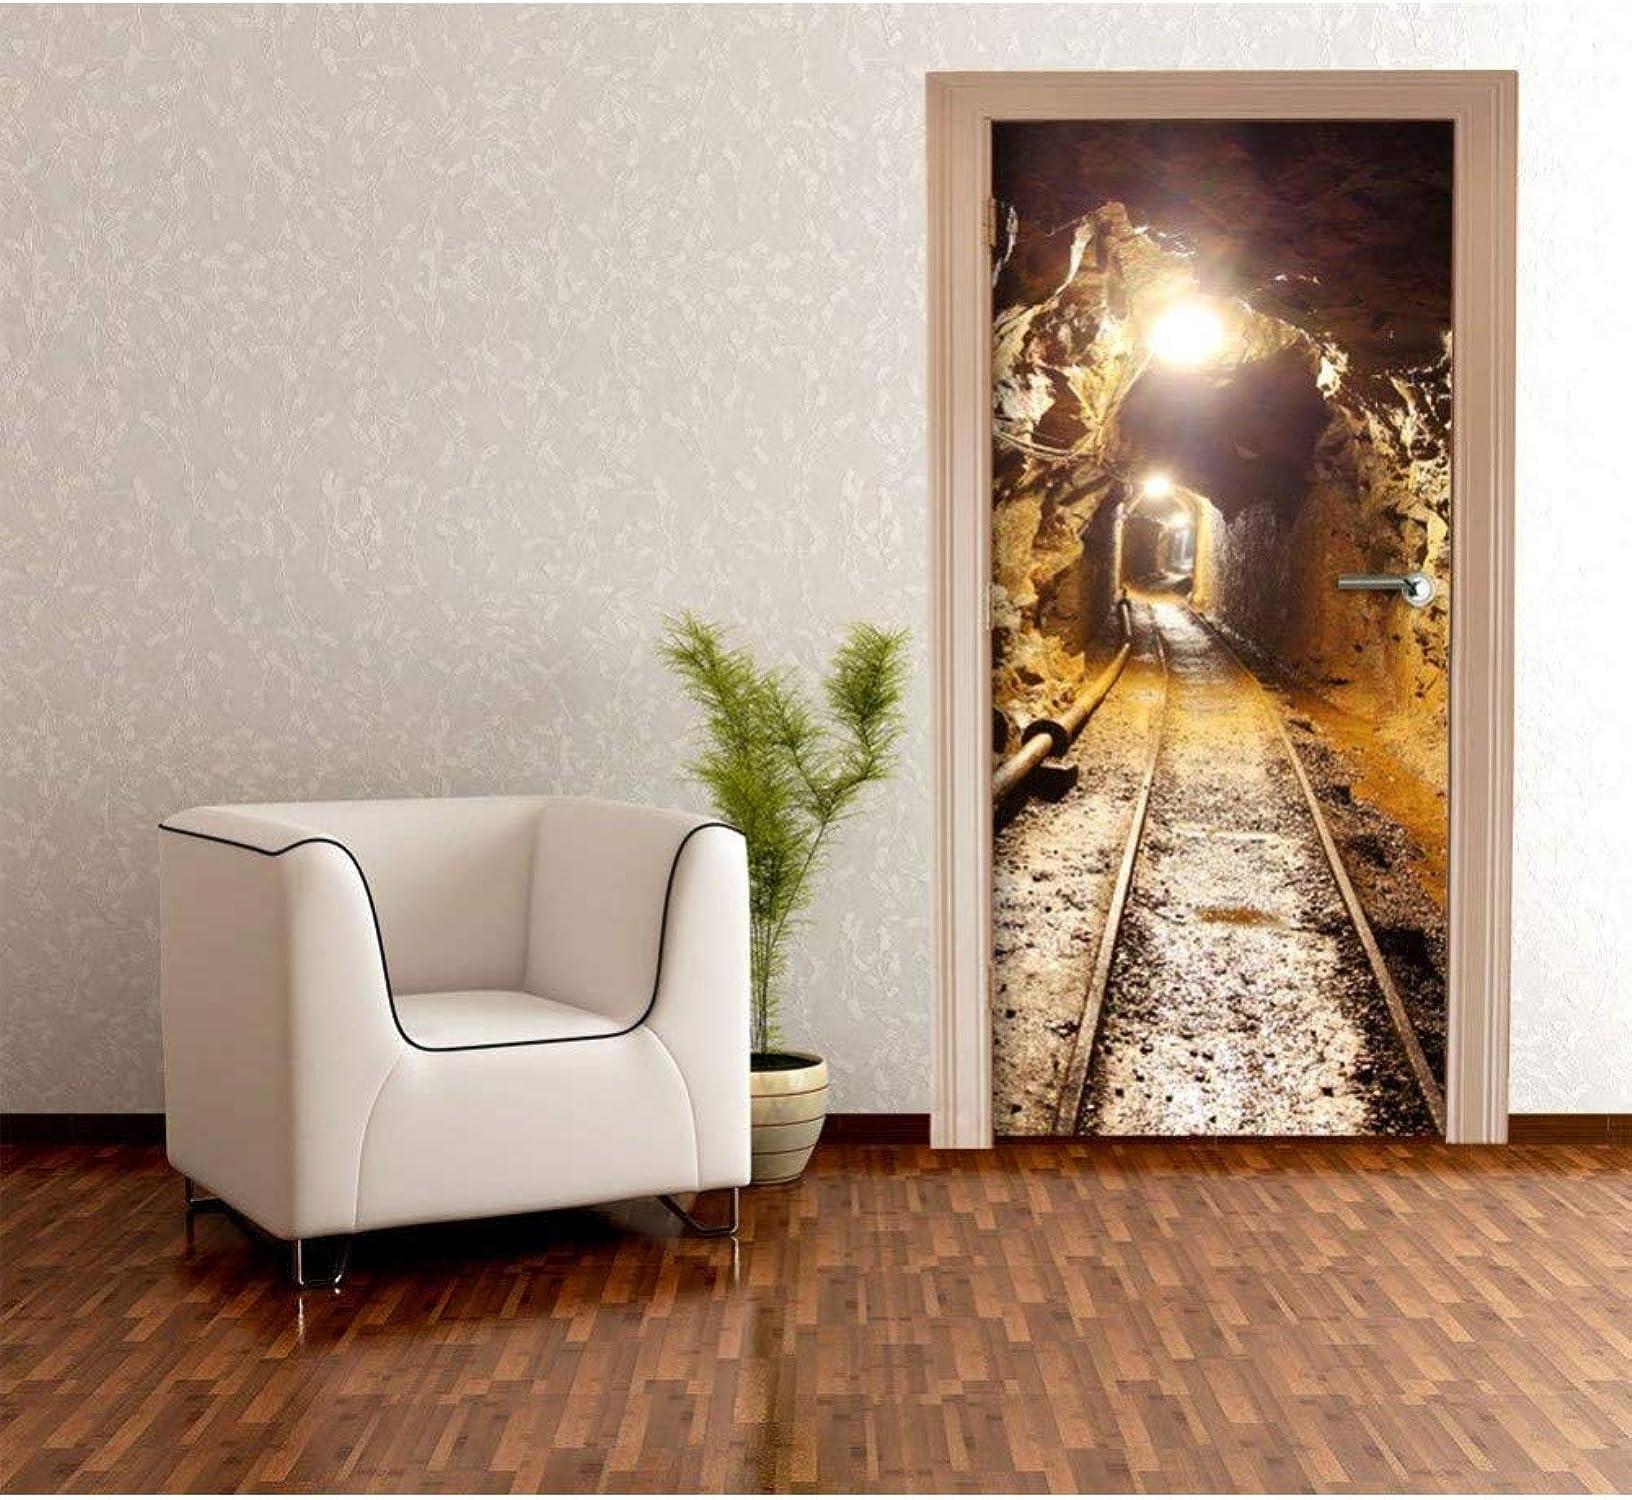 barato y de alta calidad QTZLKF Pegatina De Parojo Puerta Mural Túnel Túnel Túnel Etiqueta De La Puerta PapelTapiz3DDeco Wall Envoltura De Puerta Autoadhesiva  la mejor oferta de tienda online